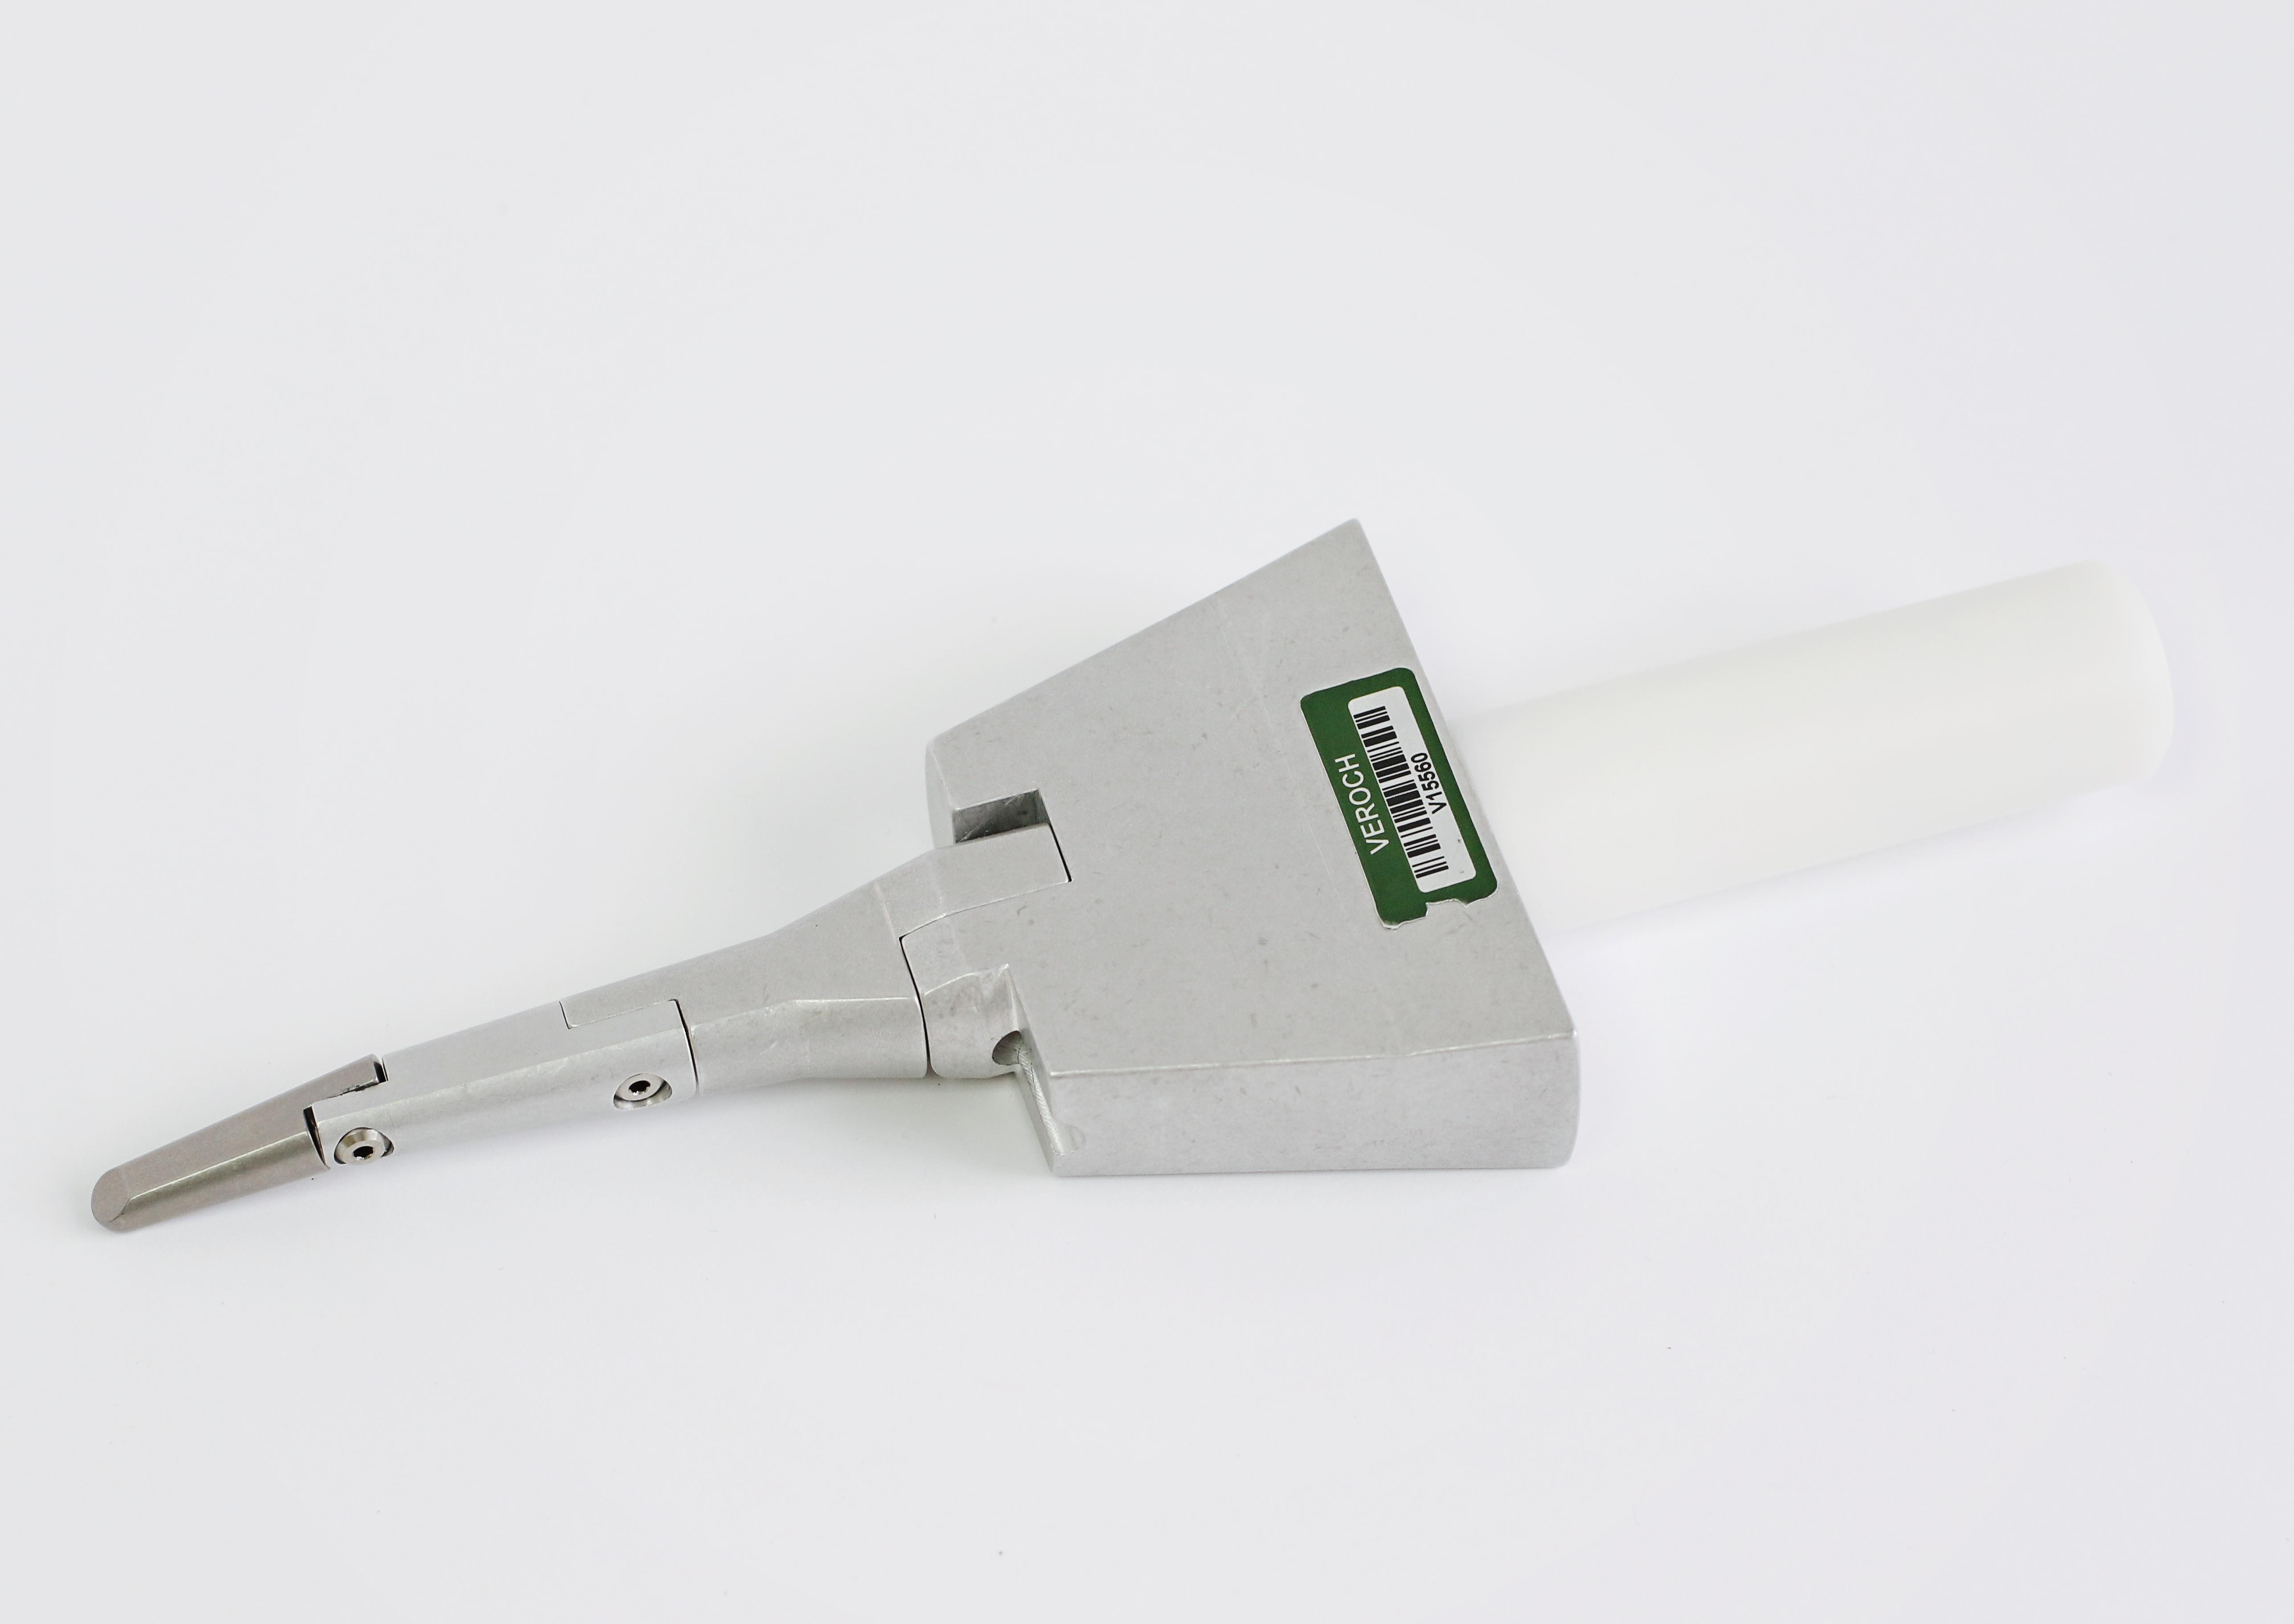 vri-um-ul-metal-probe-image1